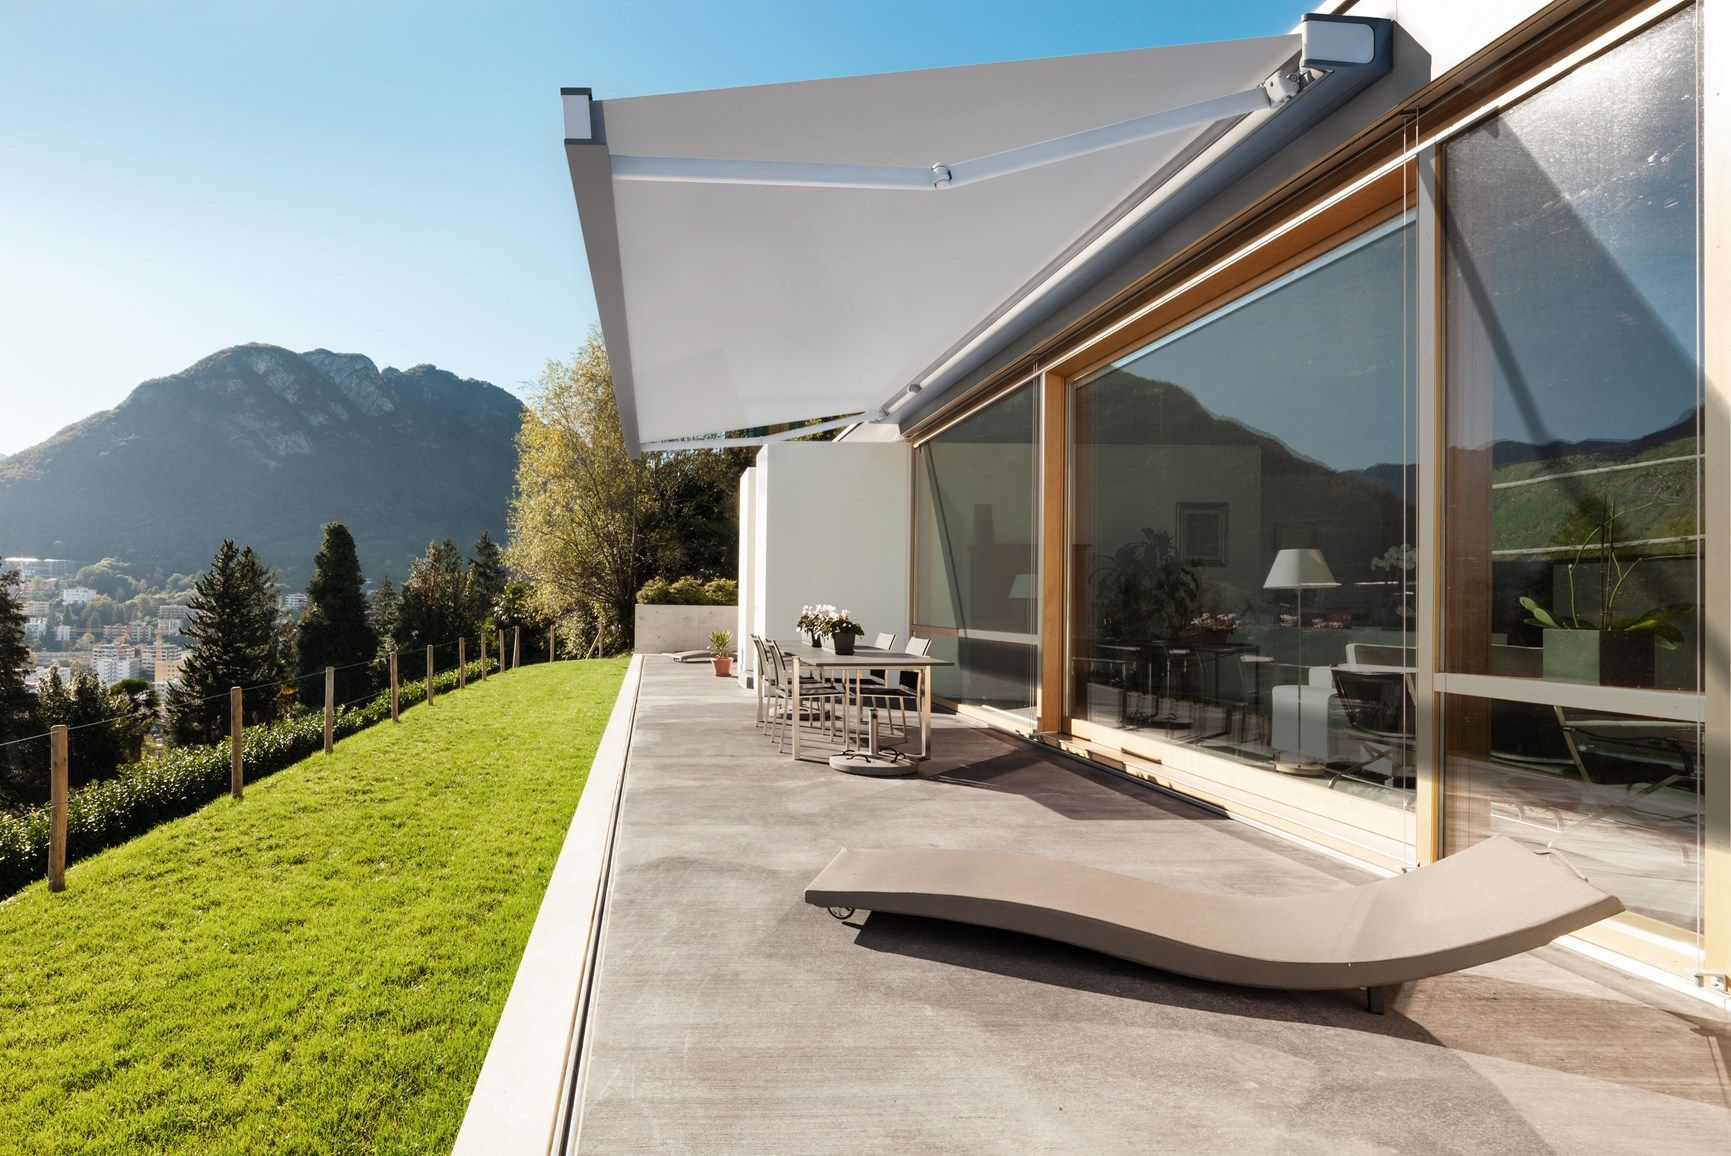 Tenda da sole QUBICA di KE Protezioni Solari: progettata per essere bella sempre, anche da chiusa